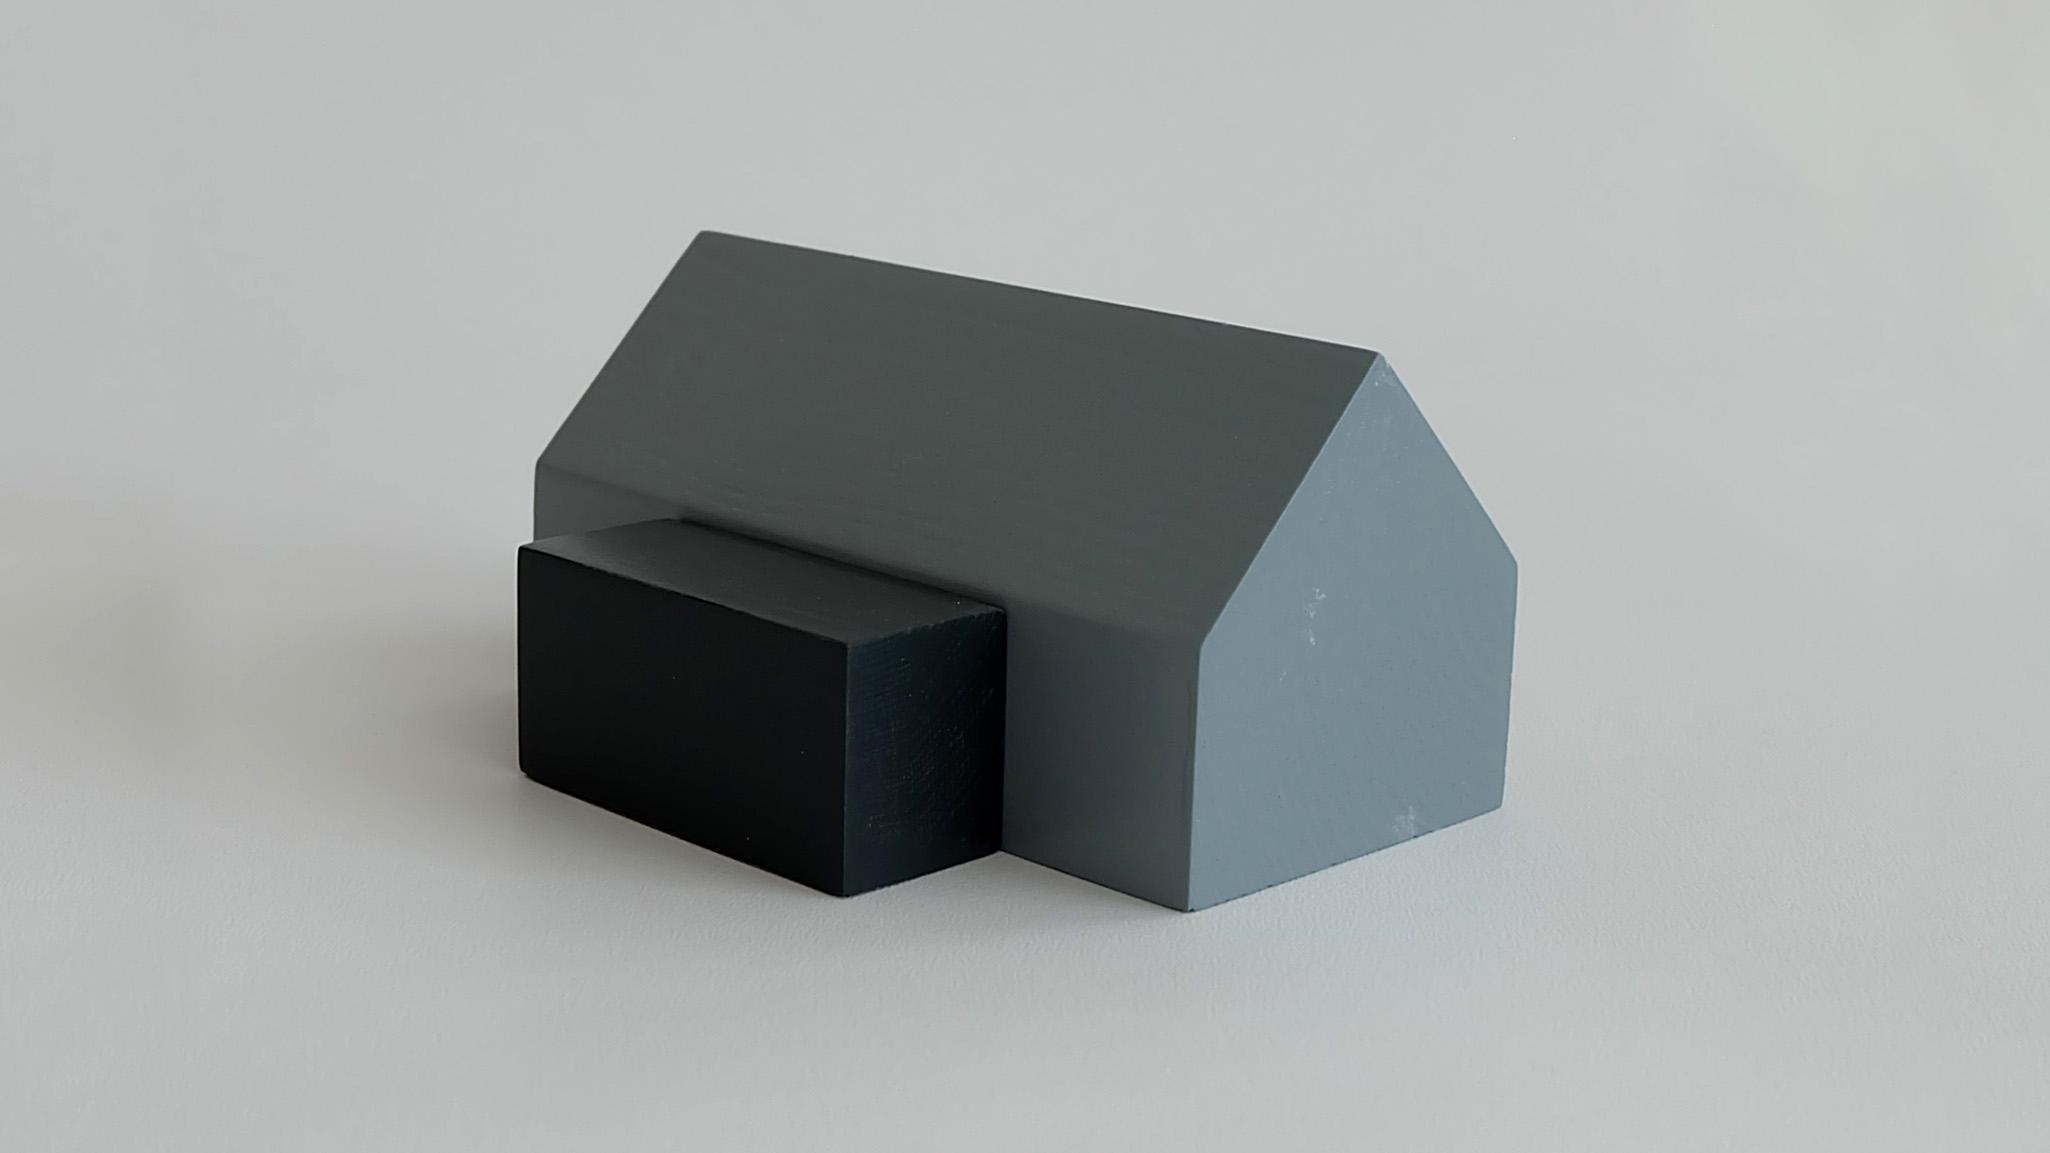 L10:  L09 + flat roof porch